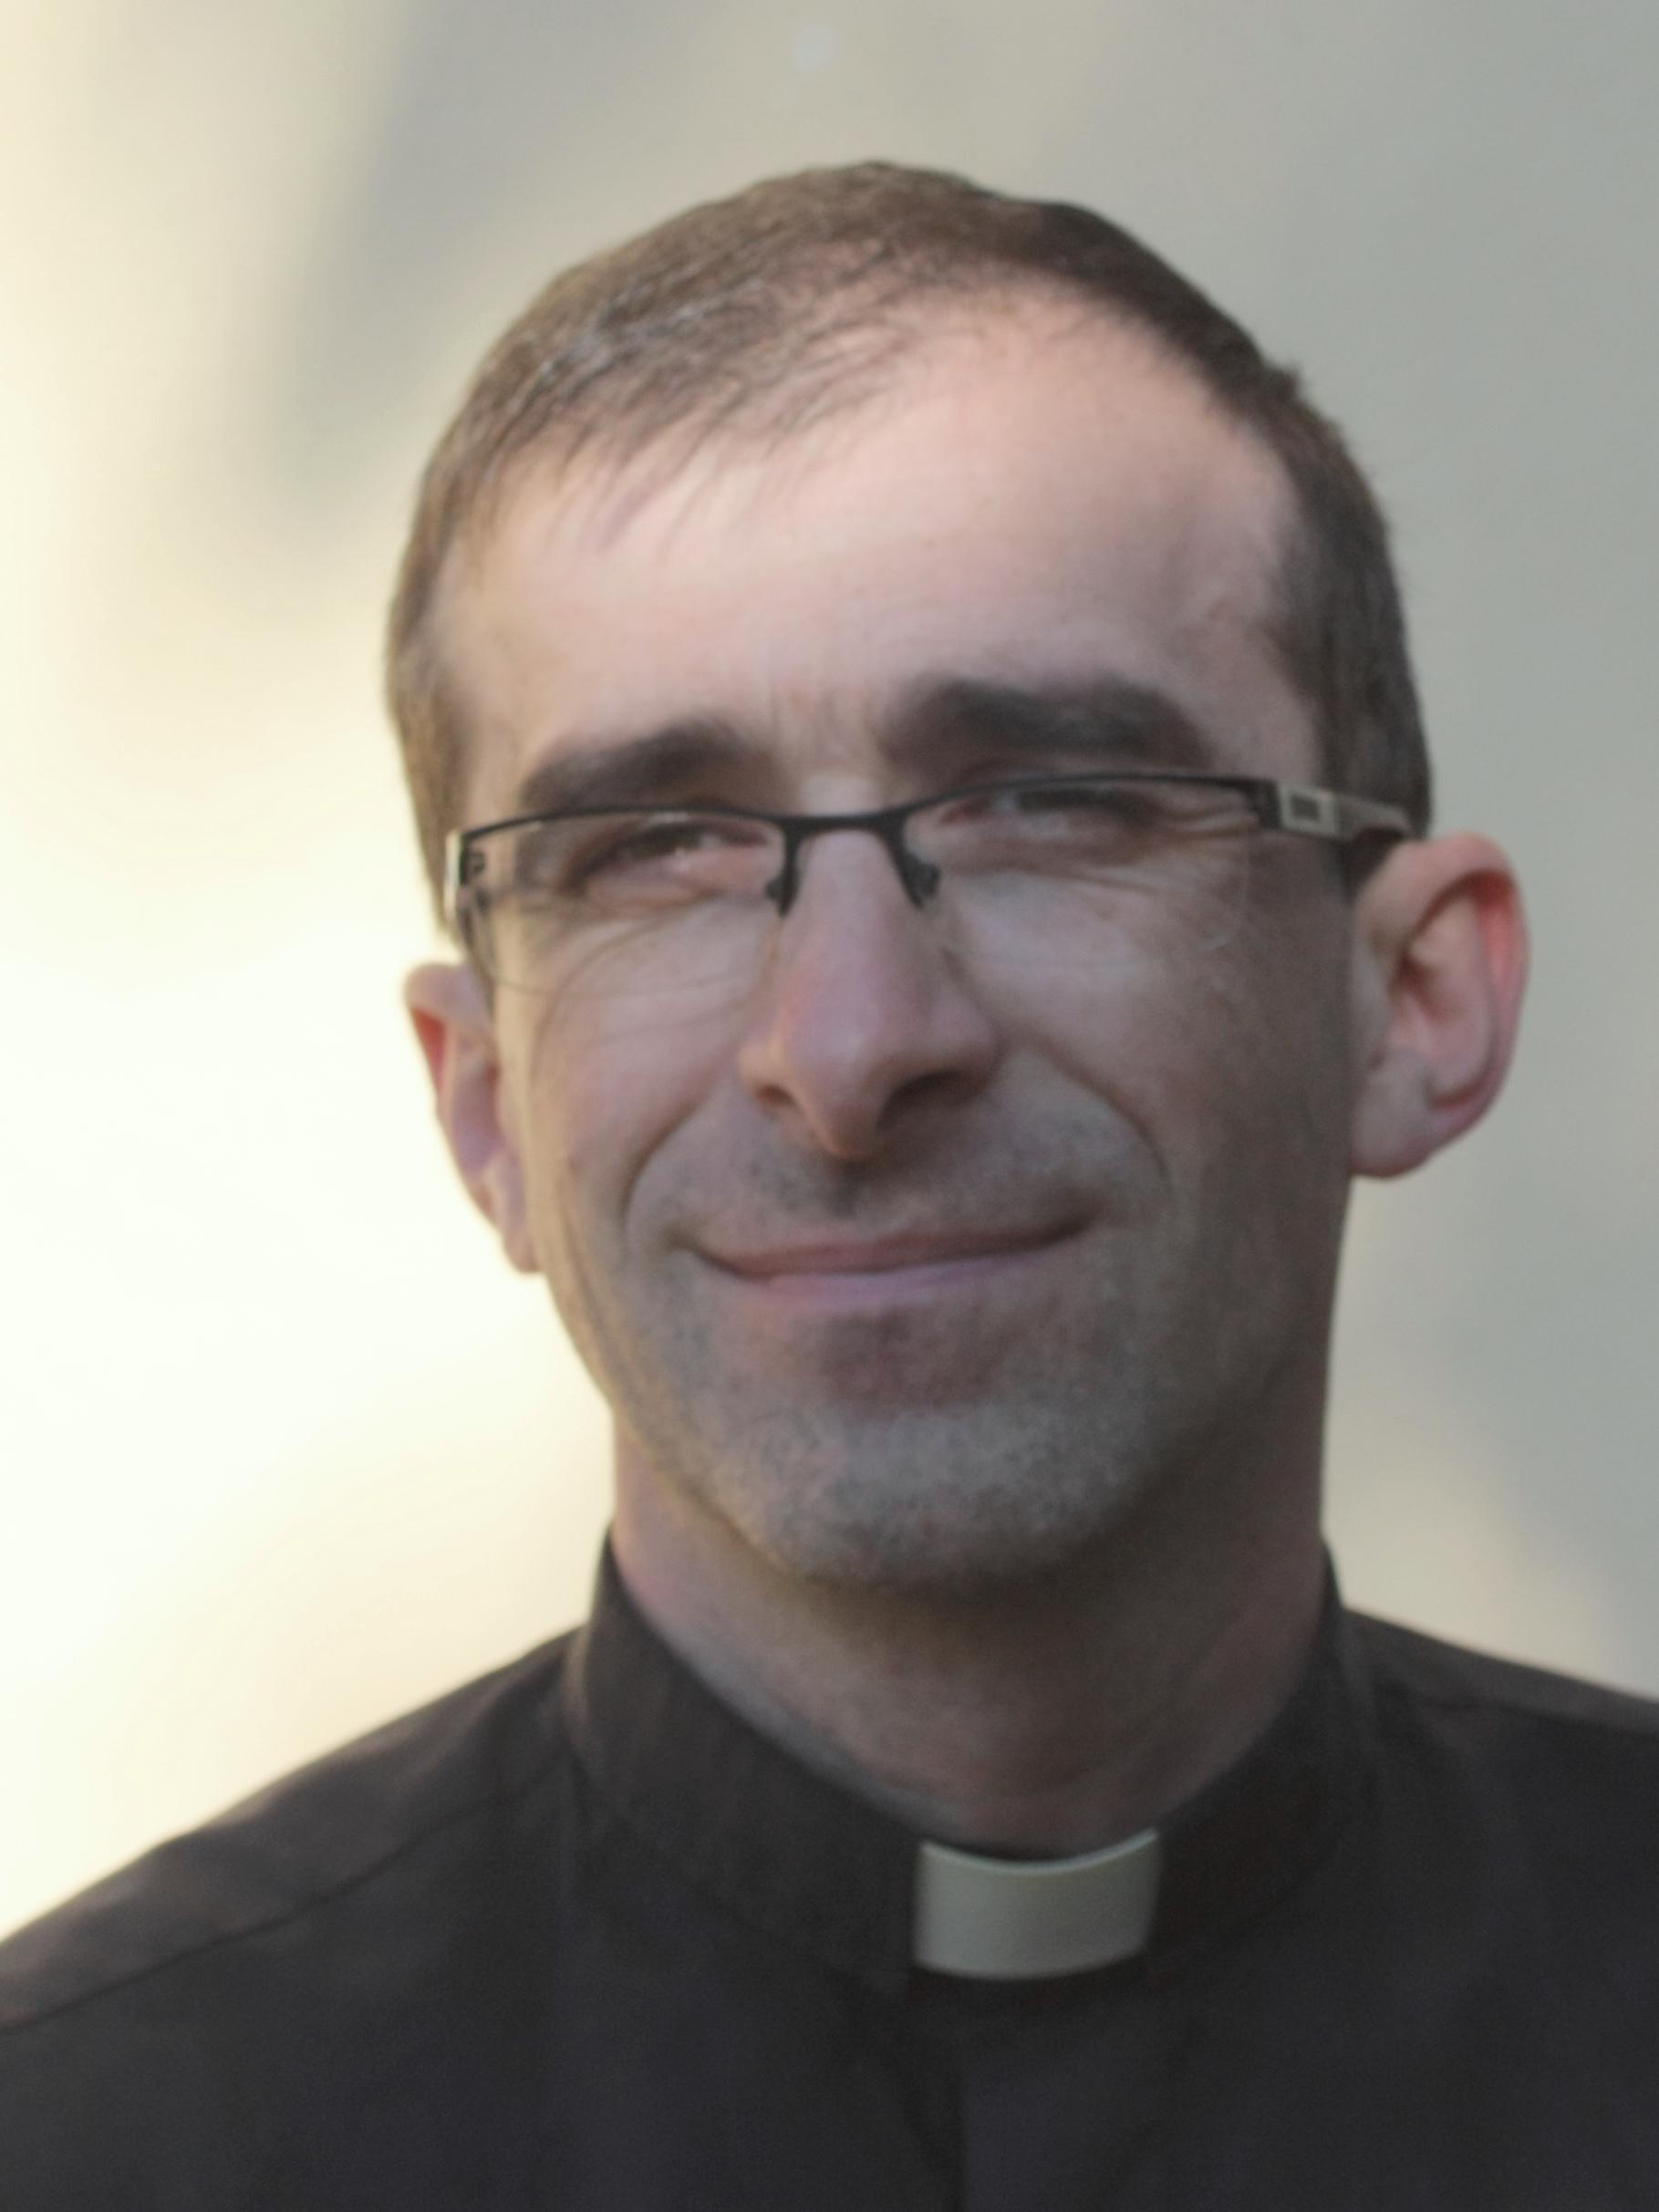 Rozhovor s otcom Martinom Mekelom, predsedom komisie pre Rómov a riaditeľom Gréckokatolíckeho formačného centra pre Rómov v Čičave